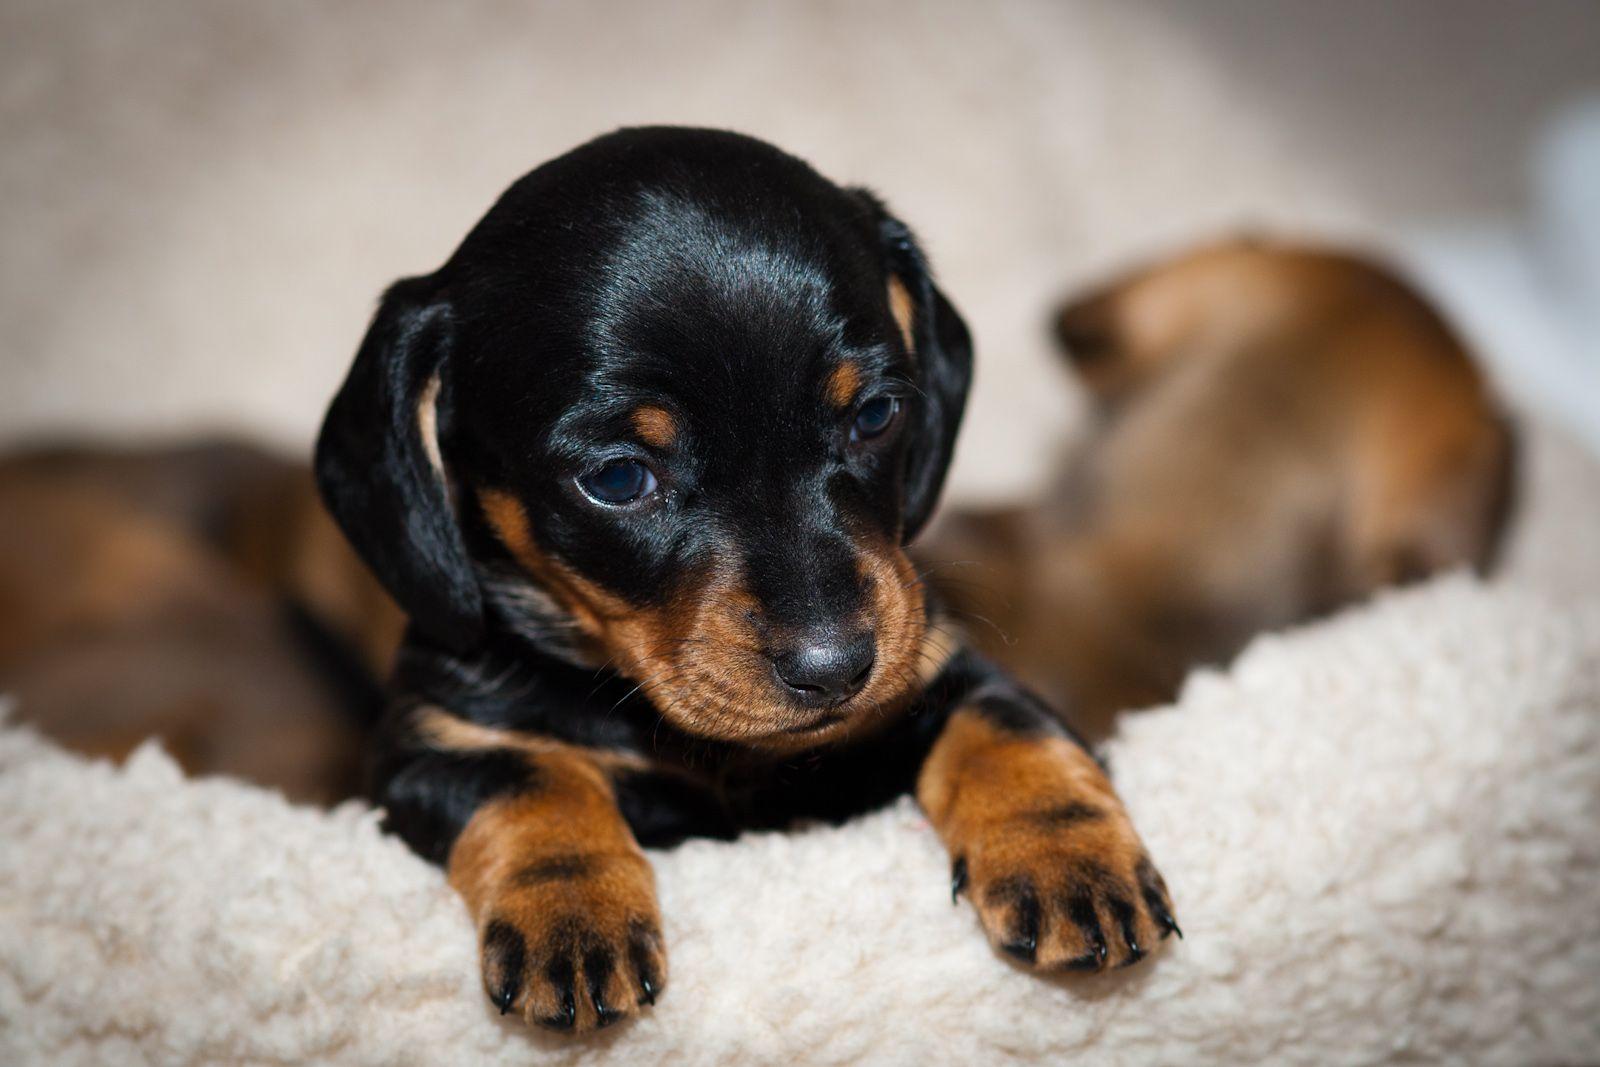 Cute Mini Dachshund Puppies Black And Tan Dachshund Dachshund Puppy